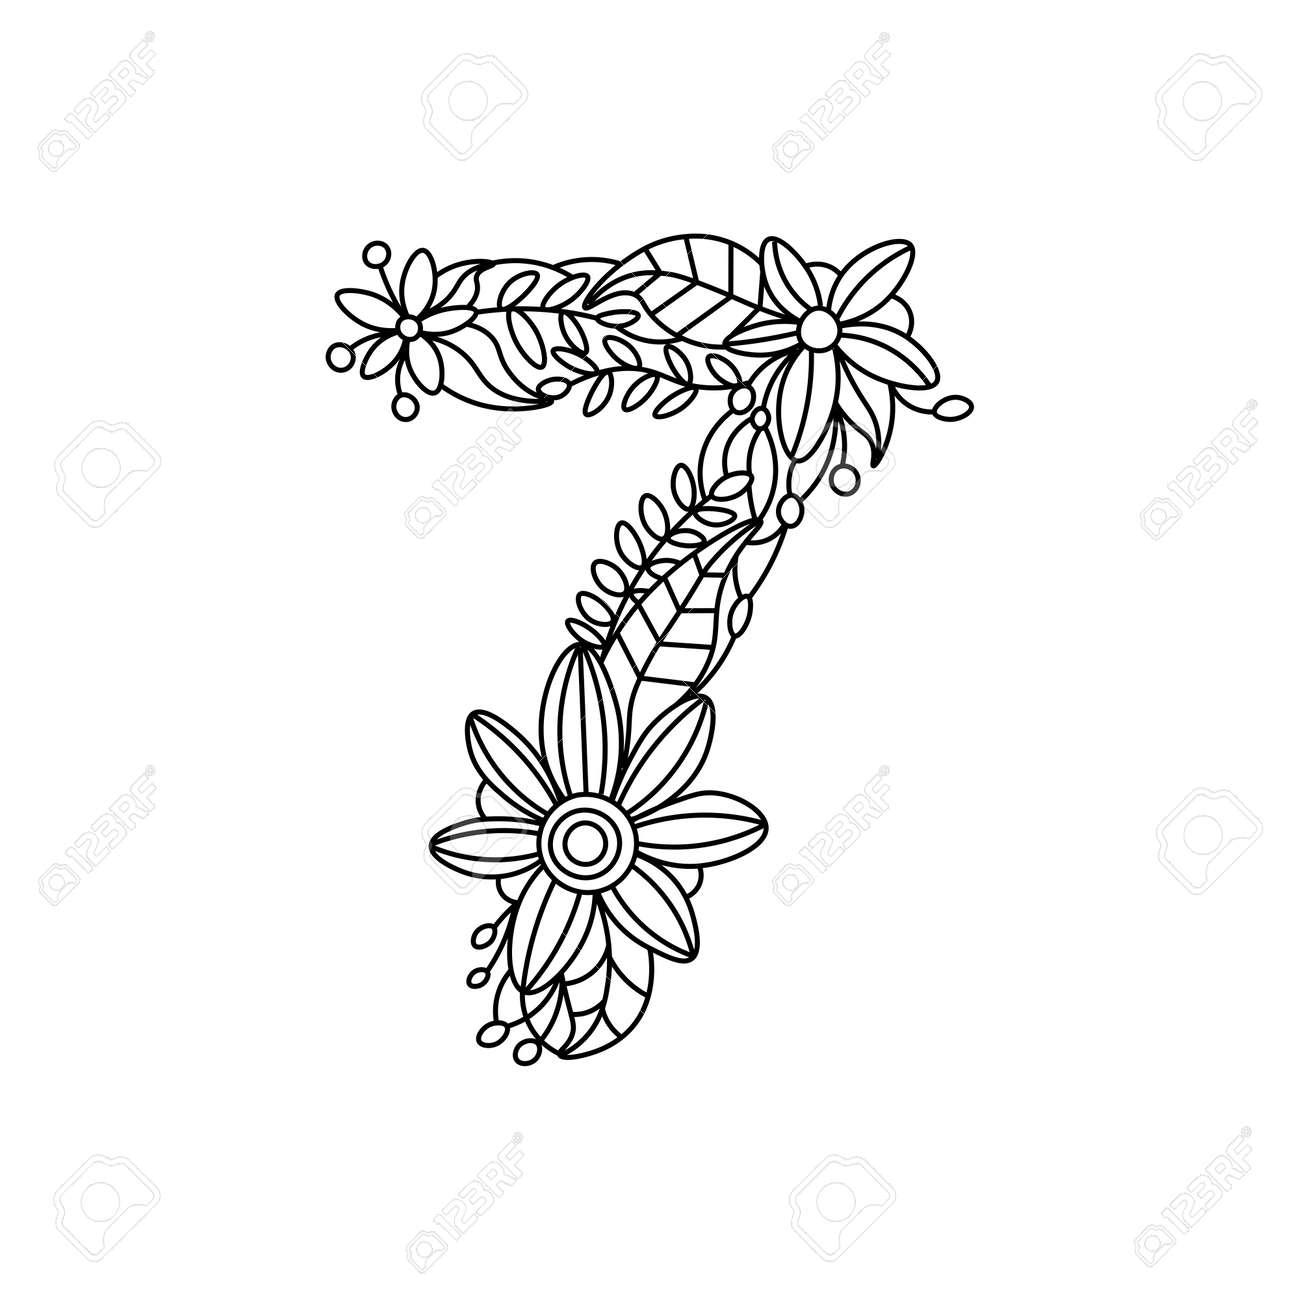 Número Floral Fuente De Libro Para Colorear Para Los Adultos Ilustración Vectorial